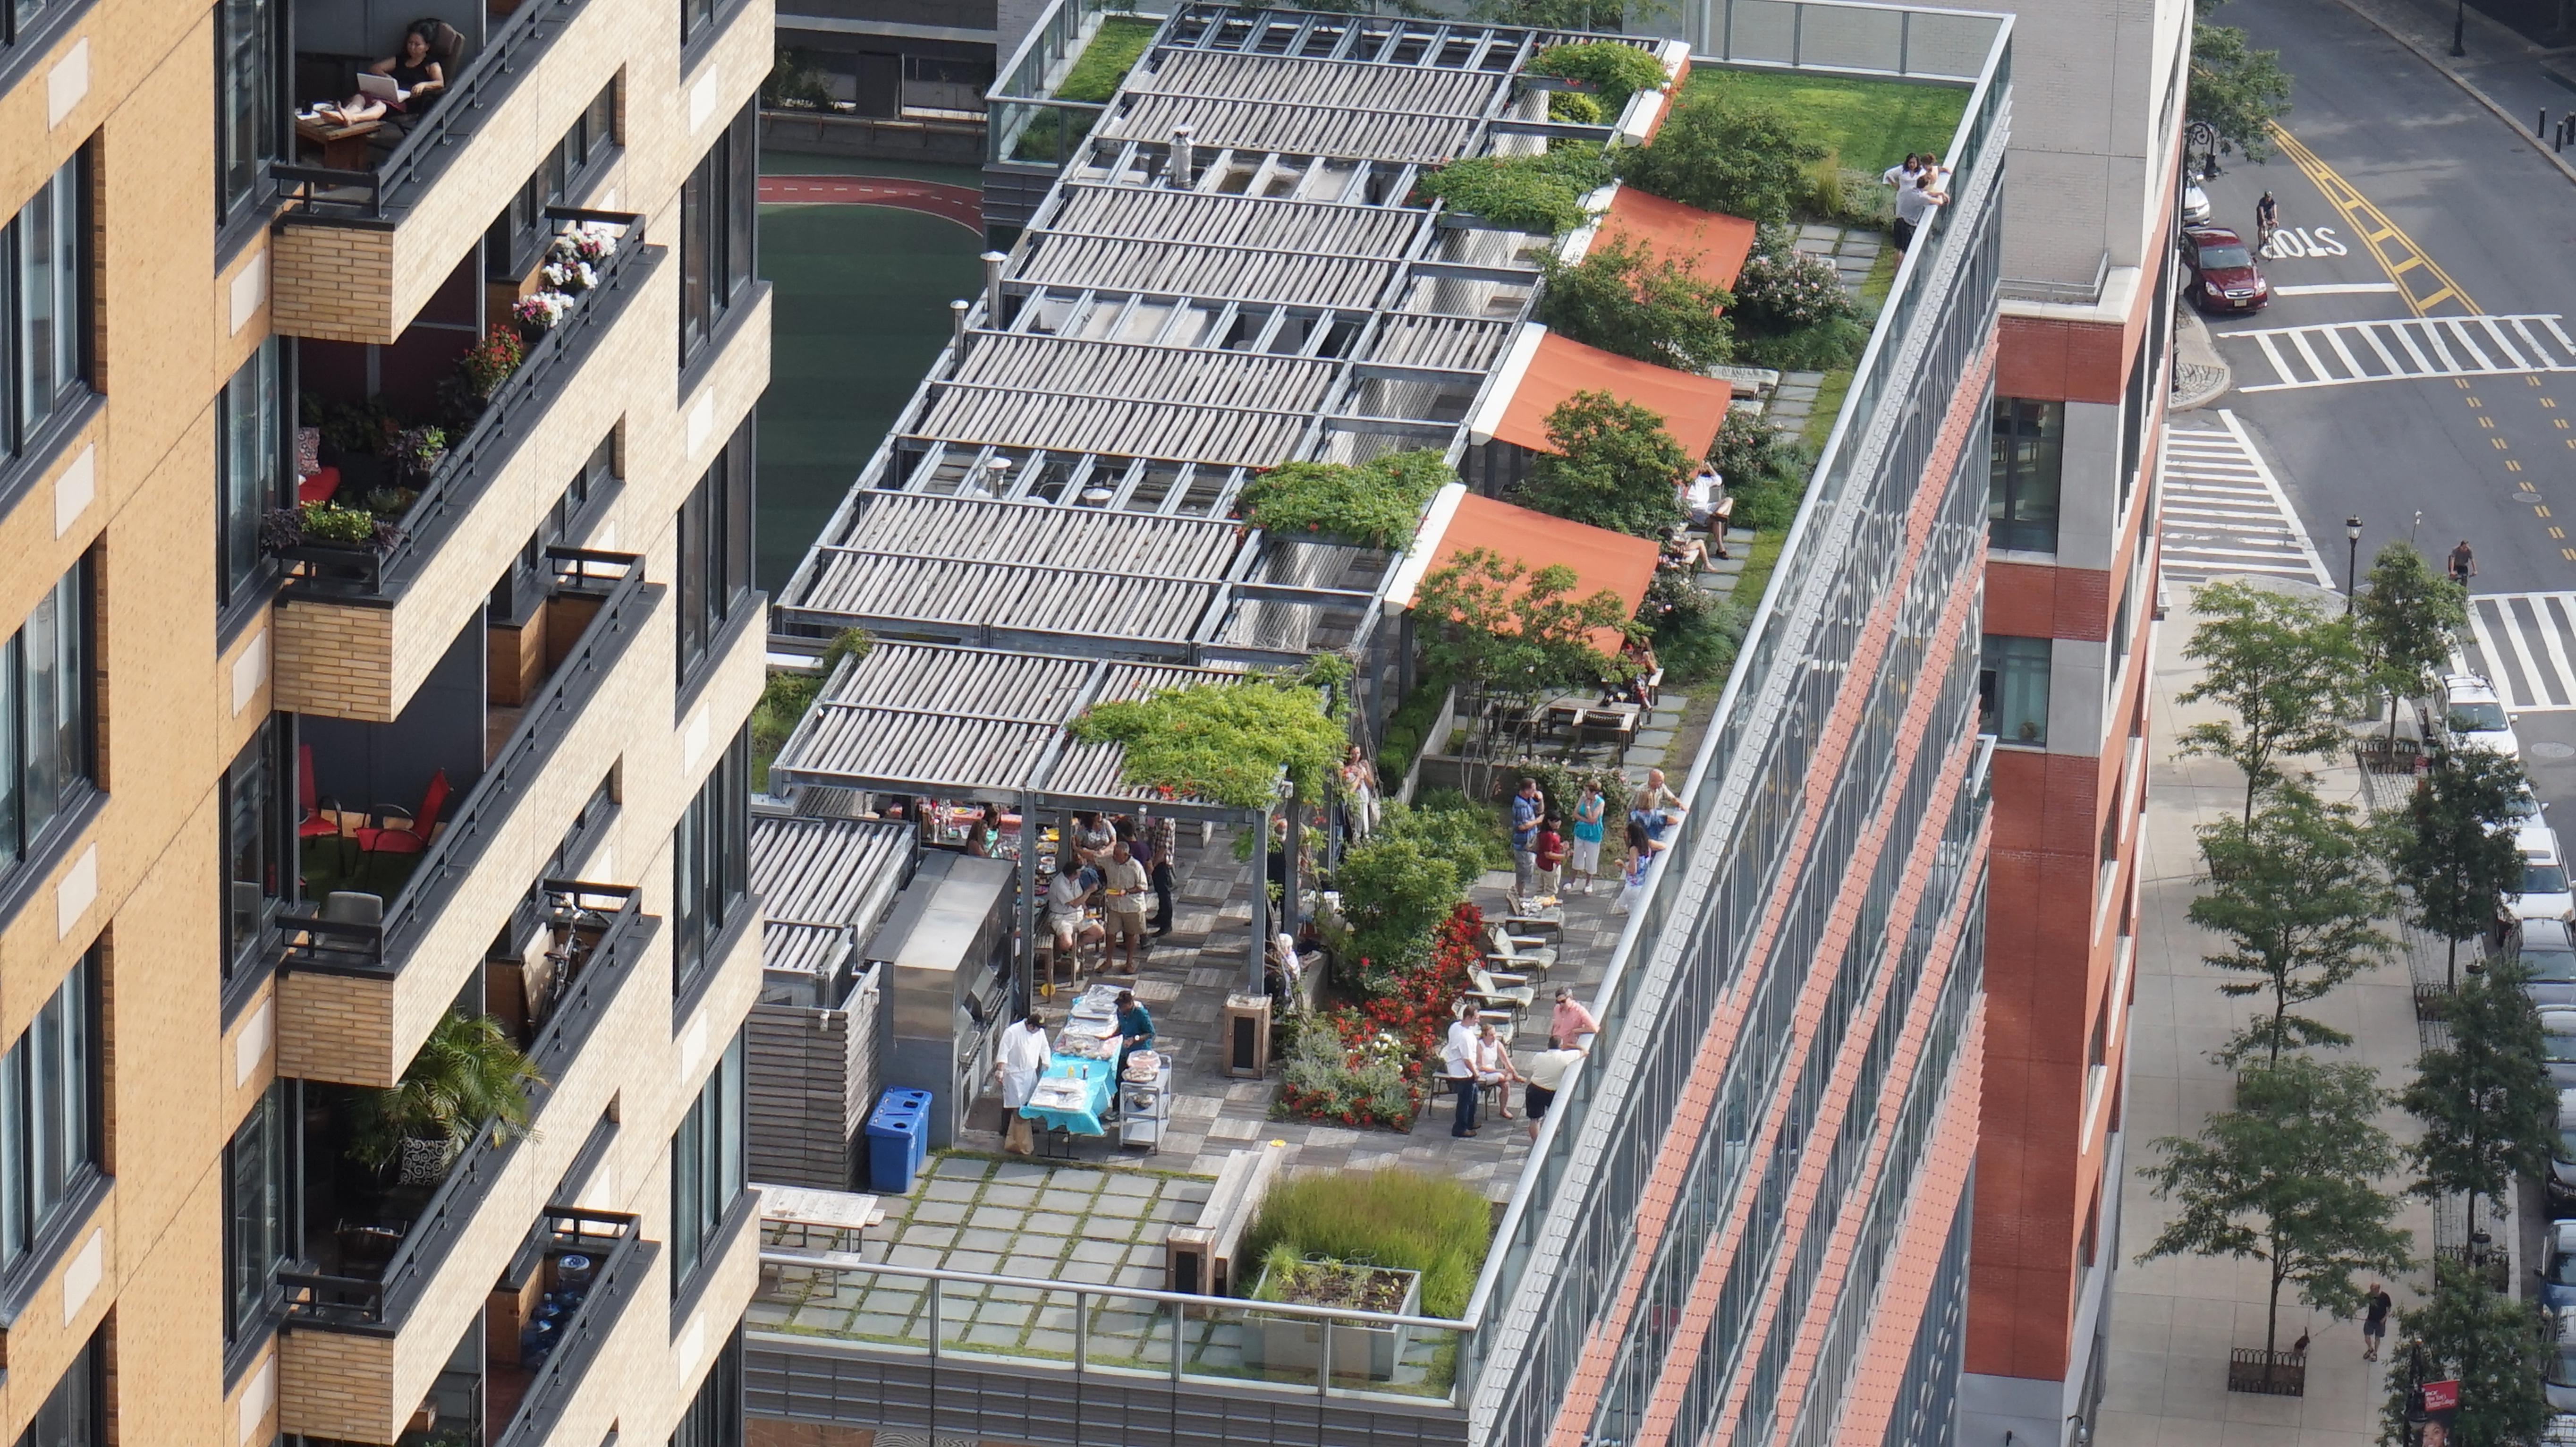 Millennium Garden Roof 8-2-2014